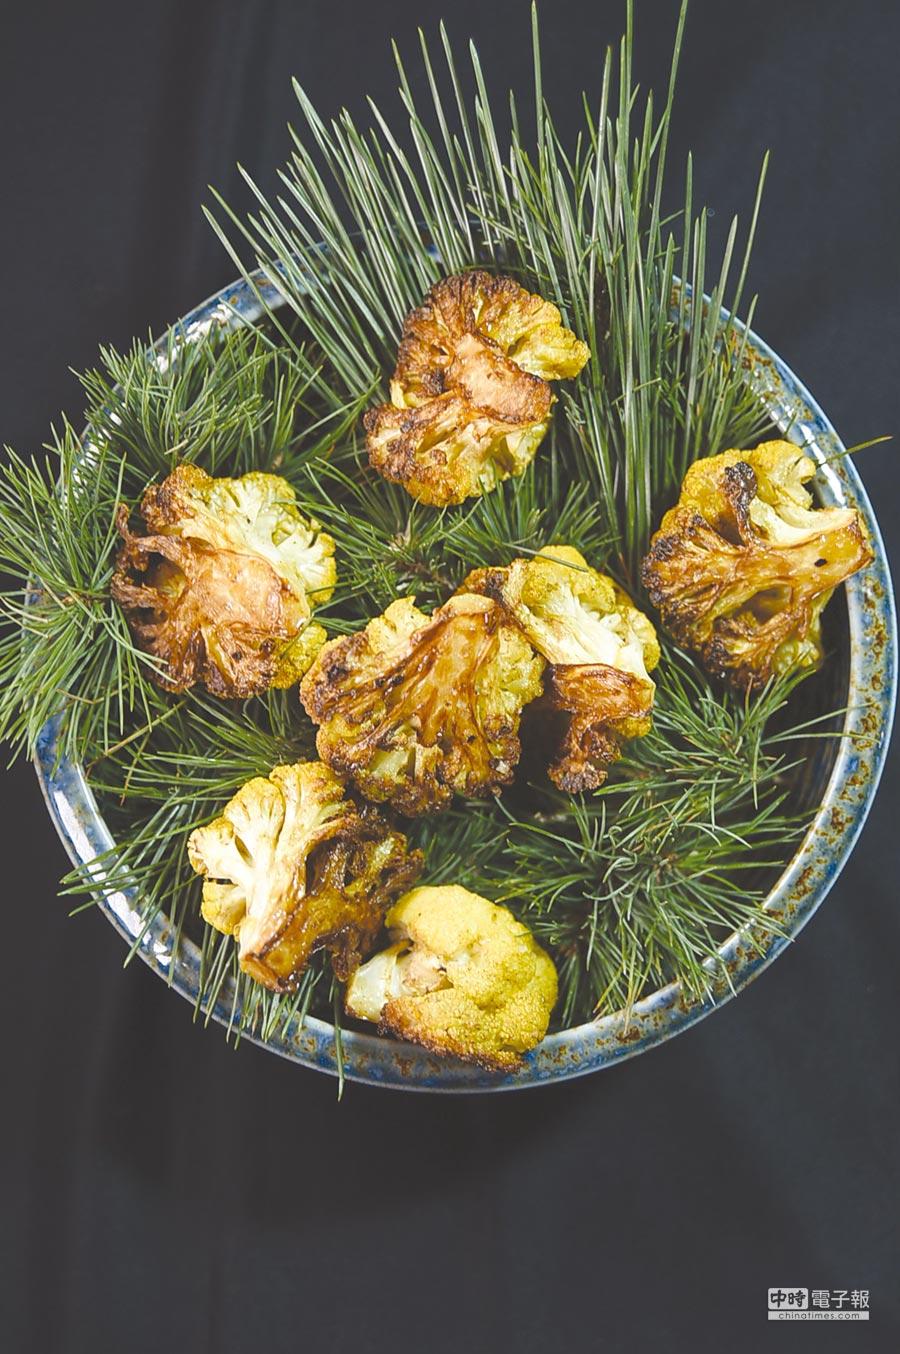 〈黃花椰菜-綠莎莎醬-蓓夏美-起士〉是James Sharman到聖母峰旅遊時得到創作靈感,以當地盛產的黃花椰菜結合松葉表現。圖/姚舜